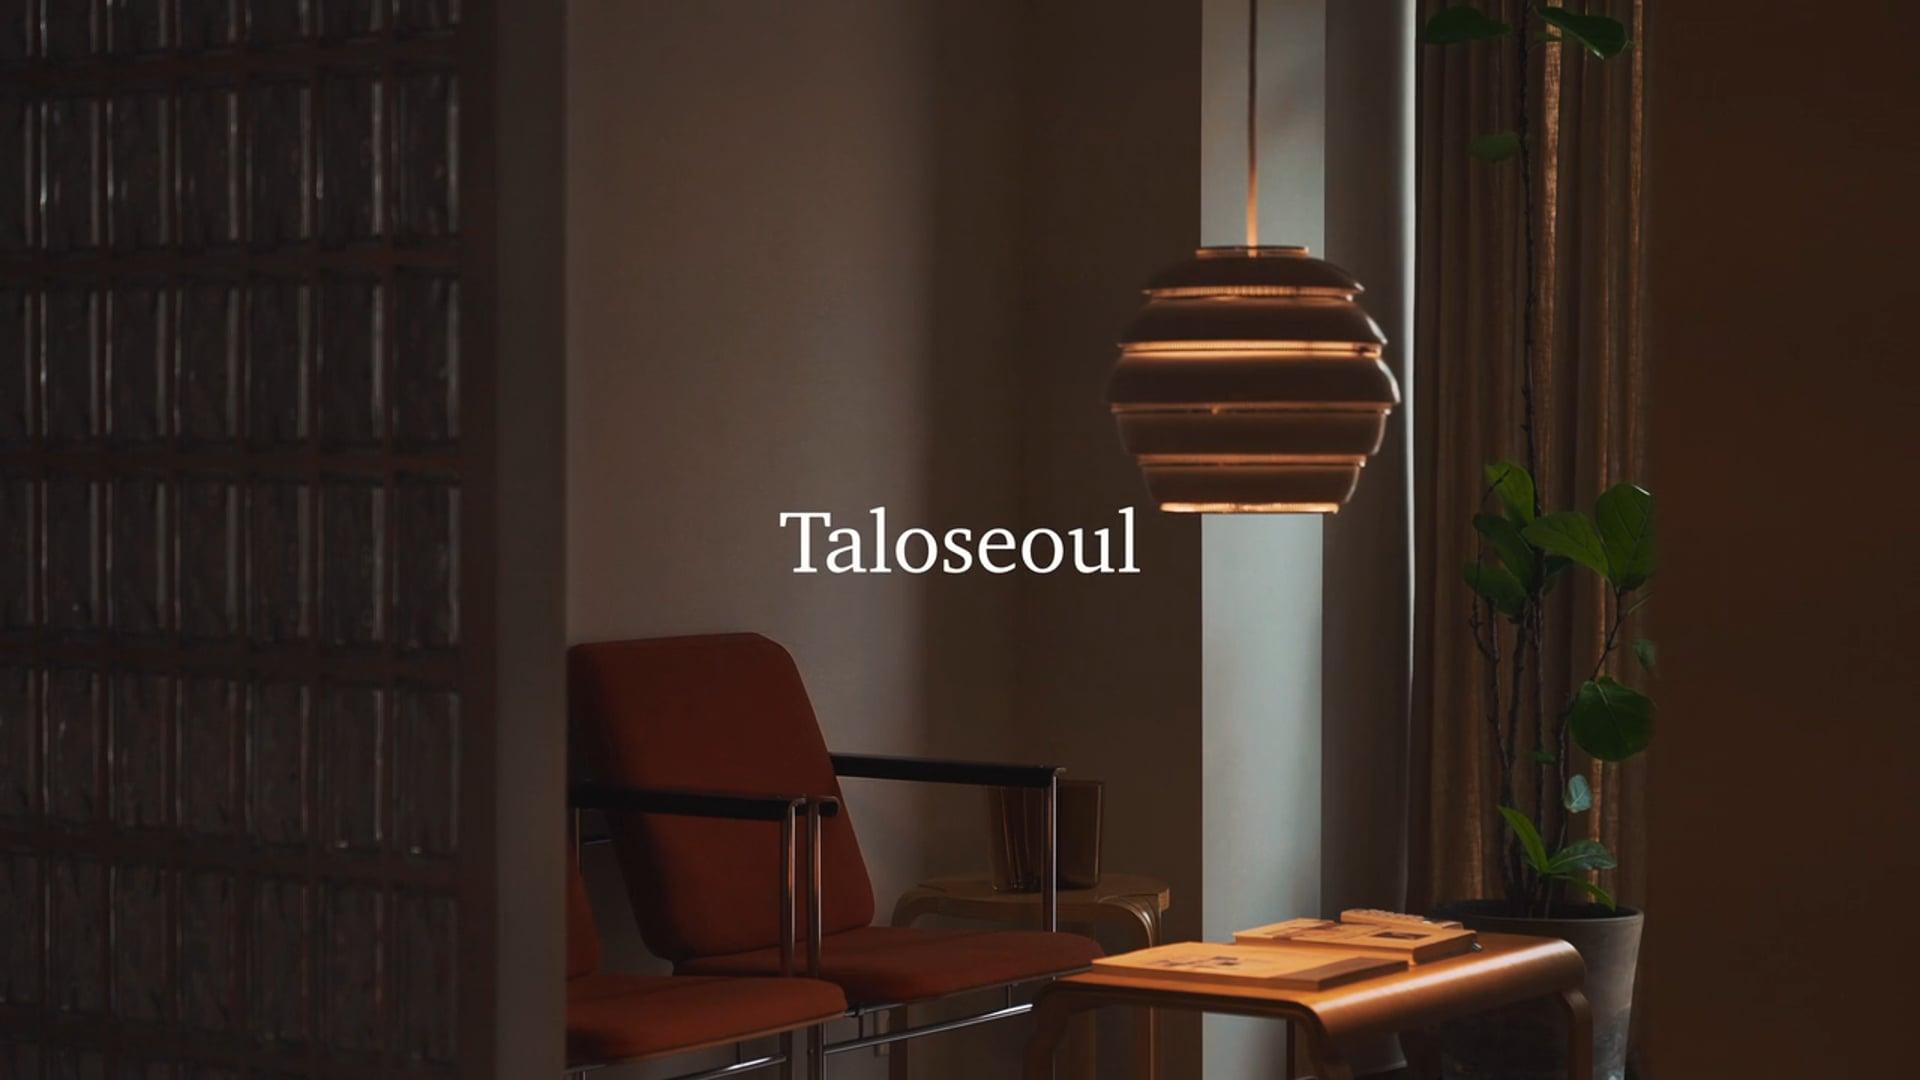 Taloseoul